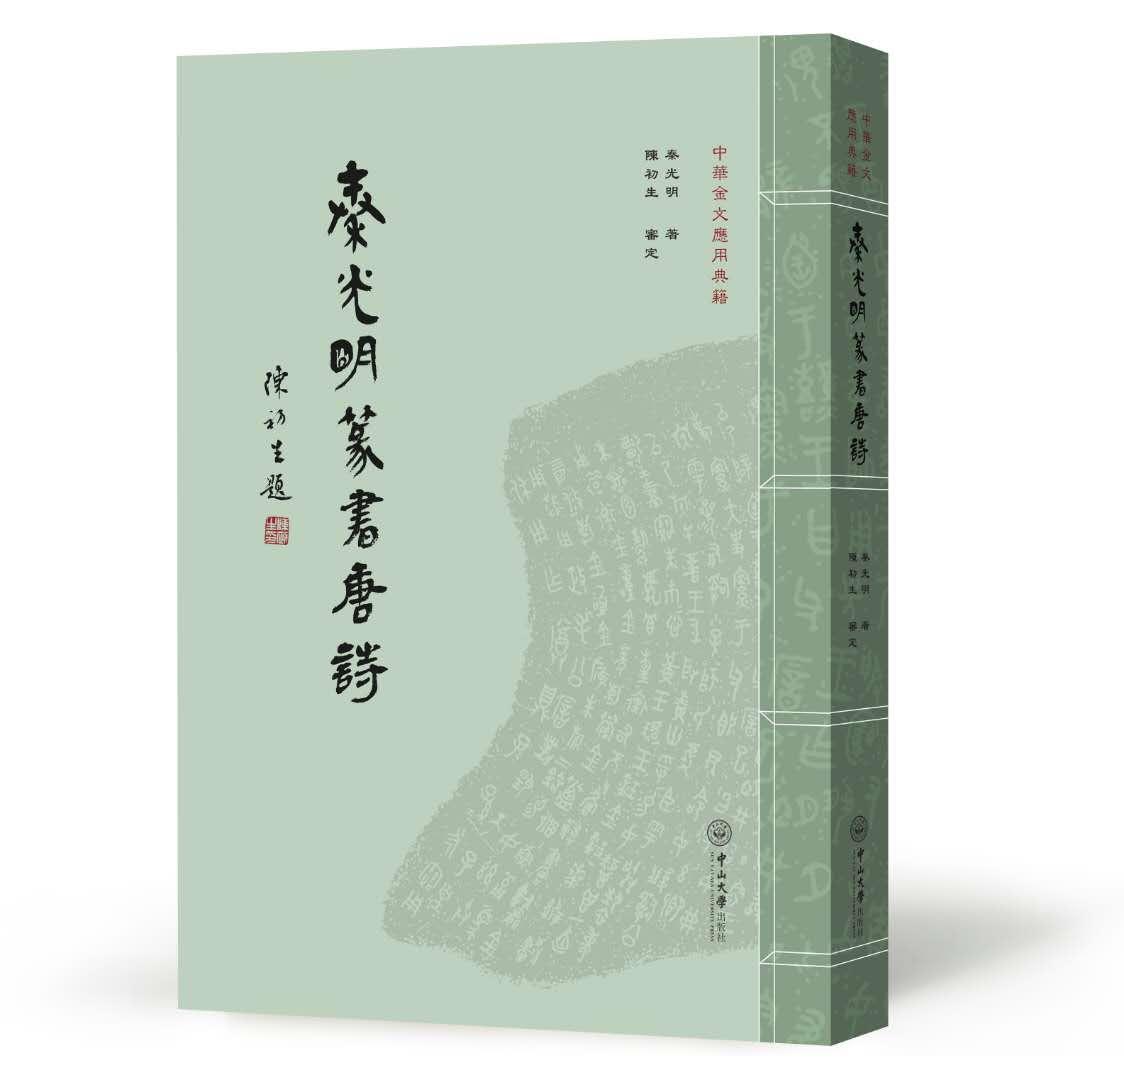 论金文典籍的应用  ——浅谈《秦光明篆书唐诗》